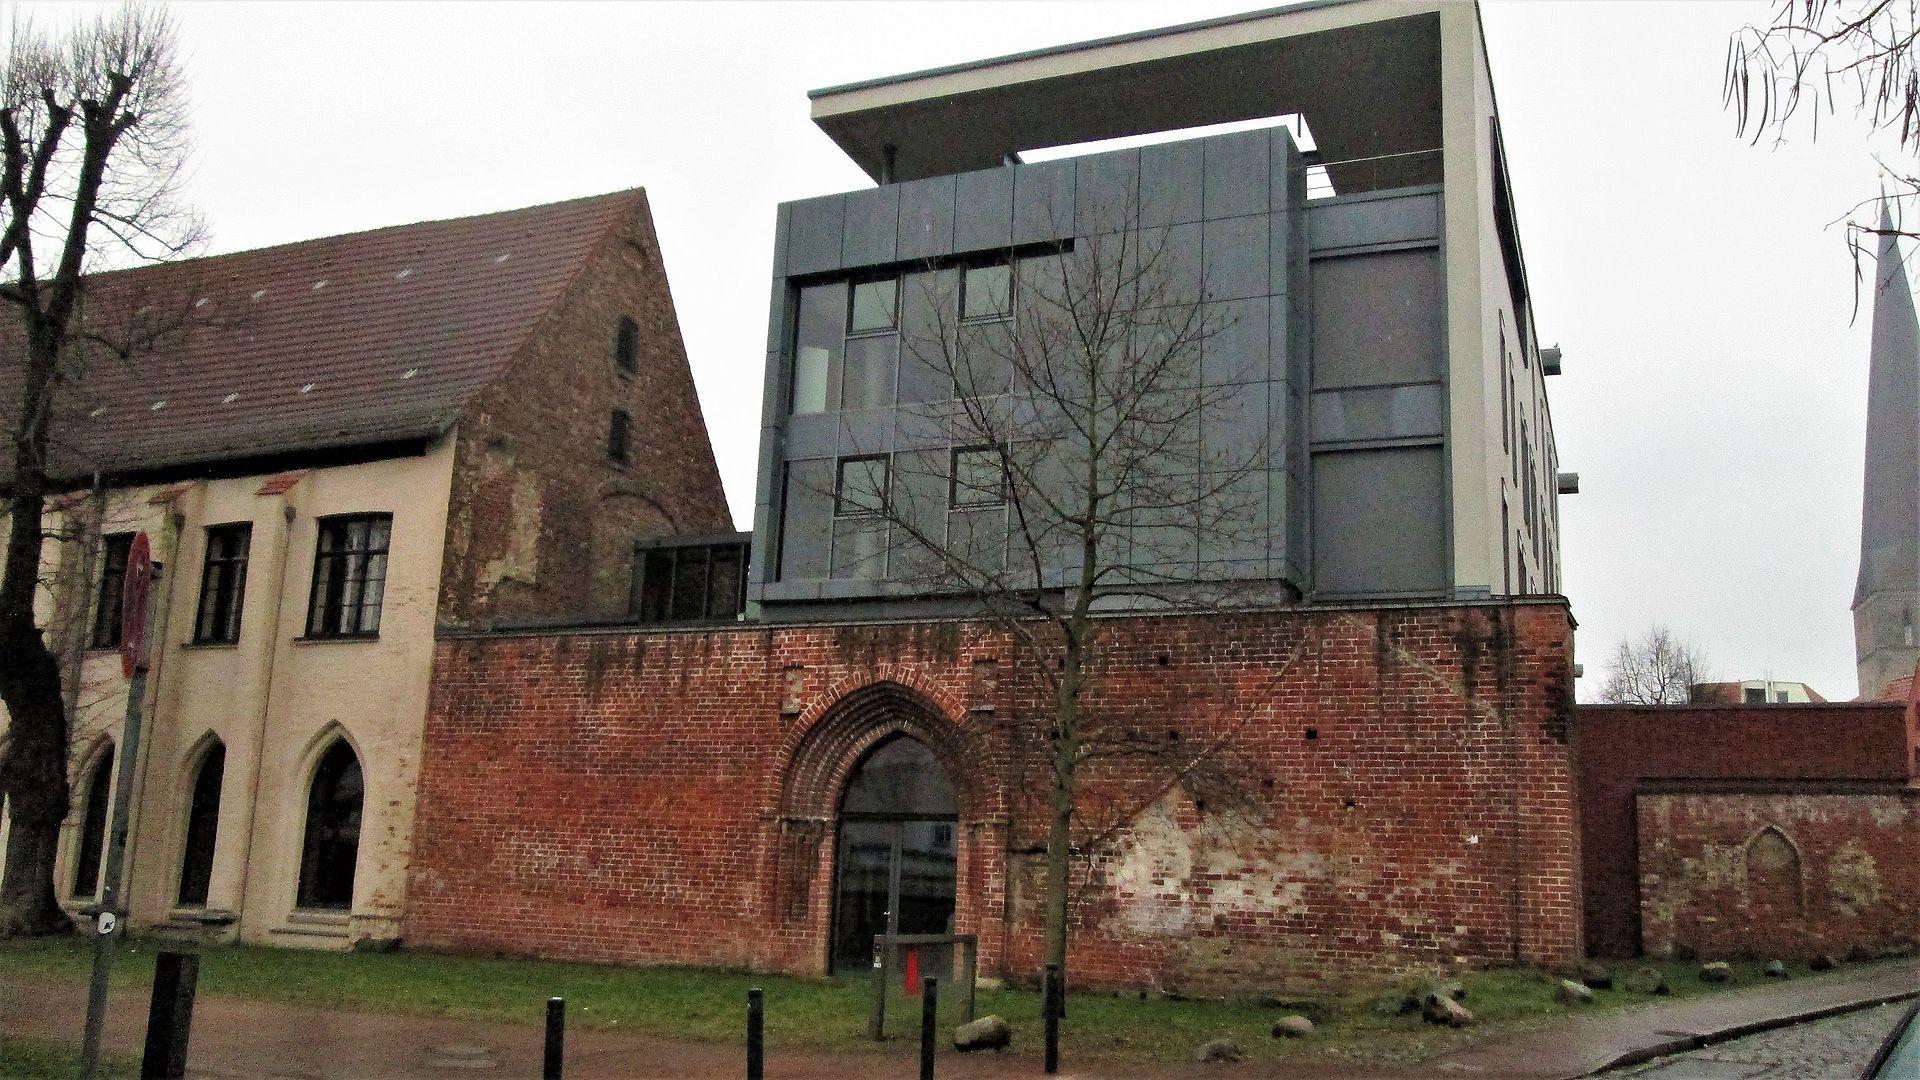 Bild St. Katharinenstift Rostock